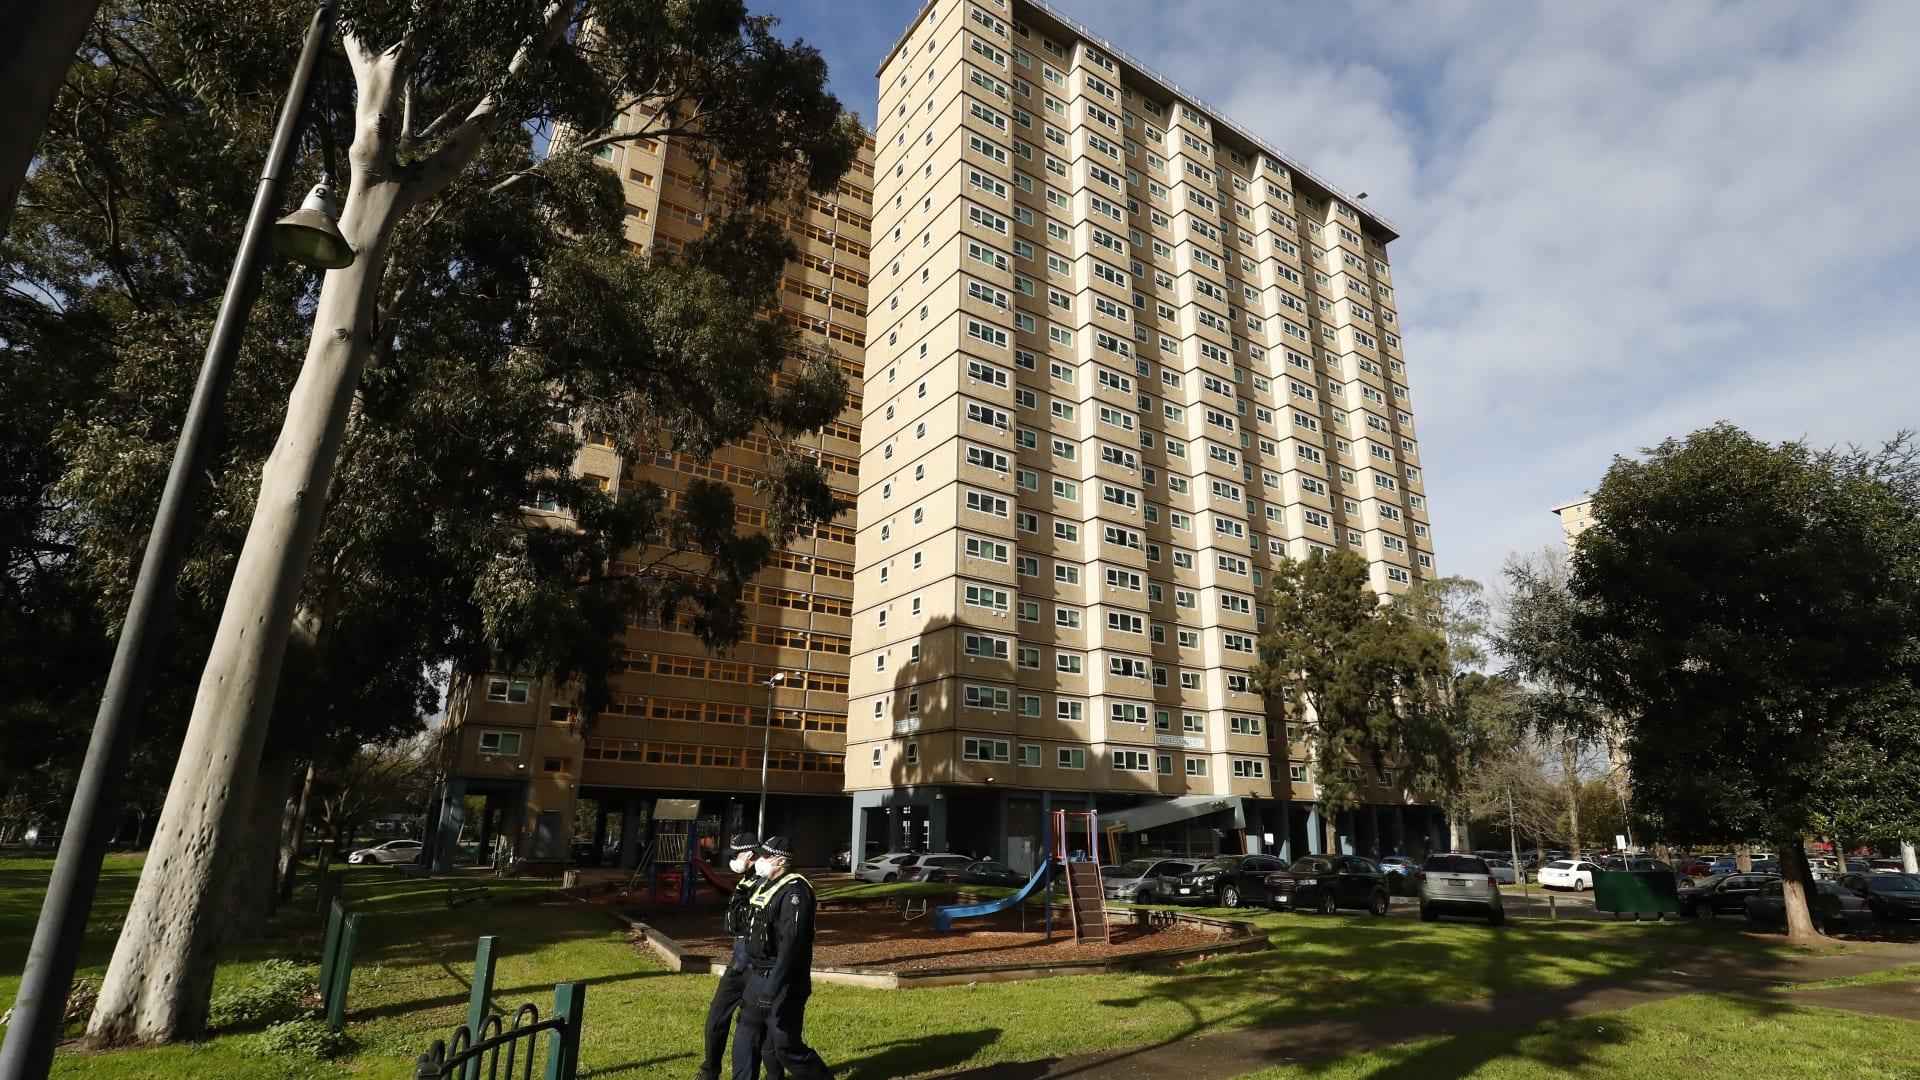 وضع 9 أبراج سكنية و 3000 شخص تحت الإغلاق في ملبورن بسبب فيروس كورونا